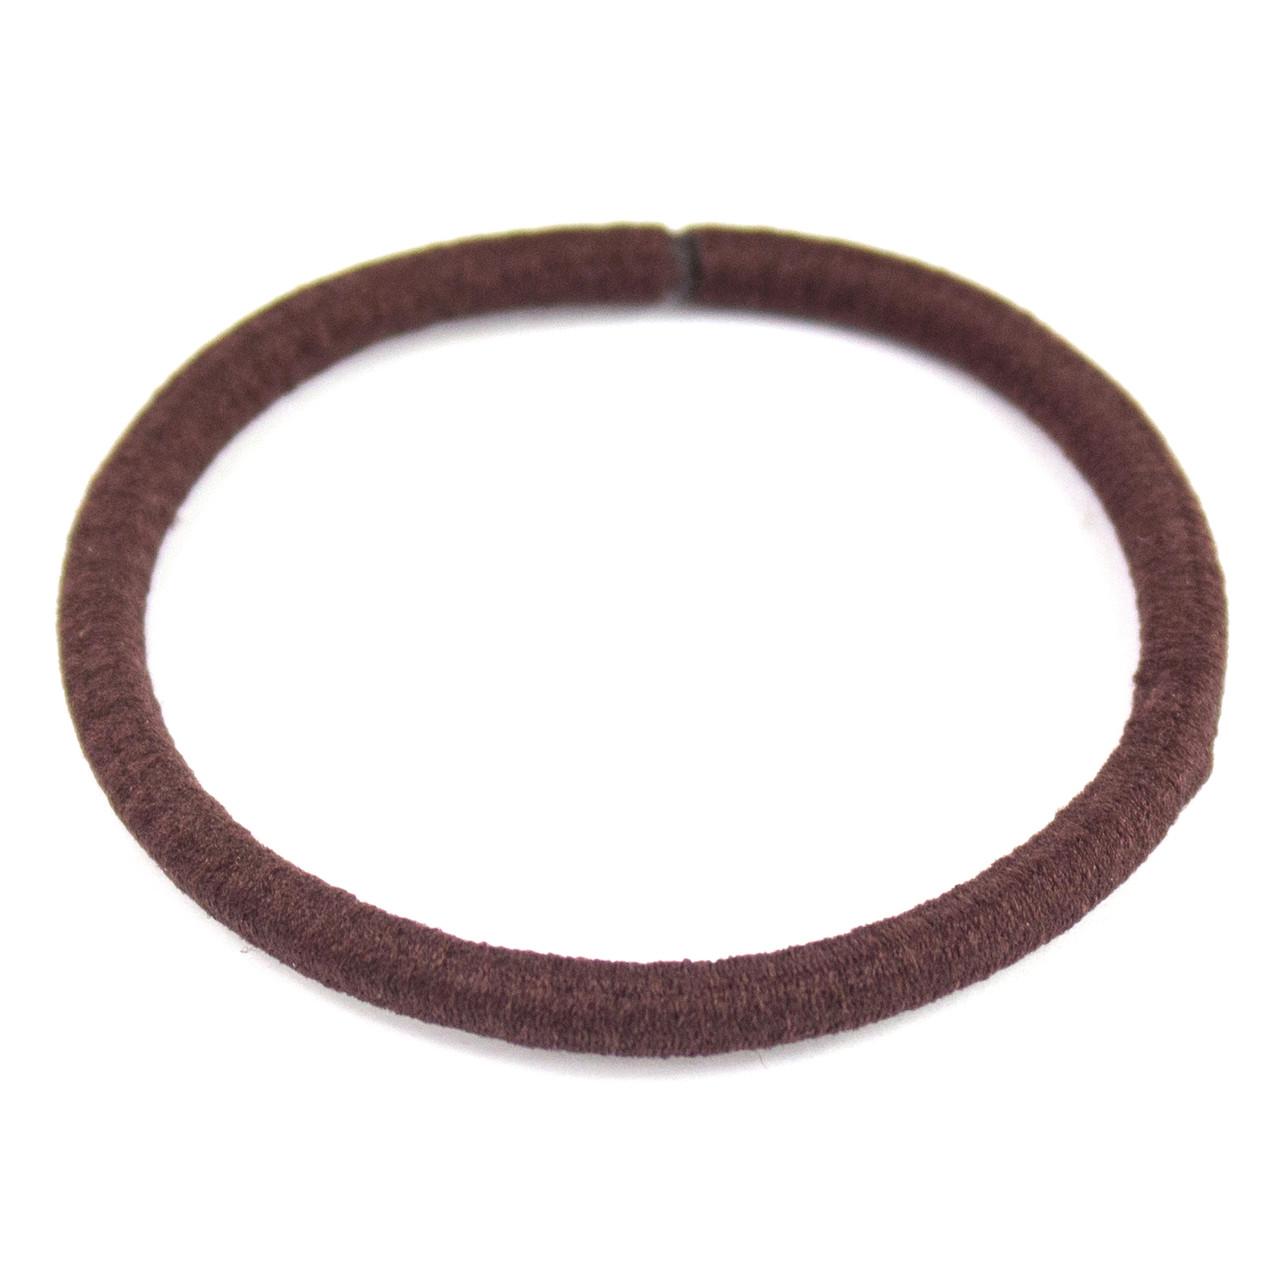 Резинка для волос эластичная коричневая